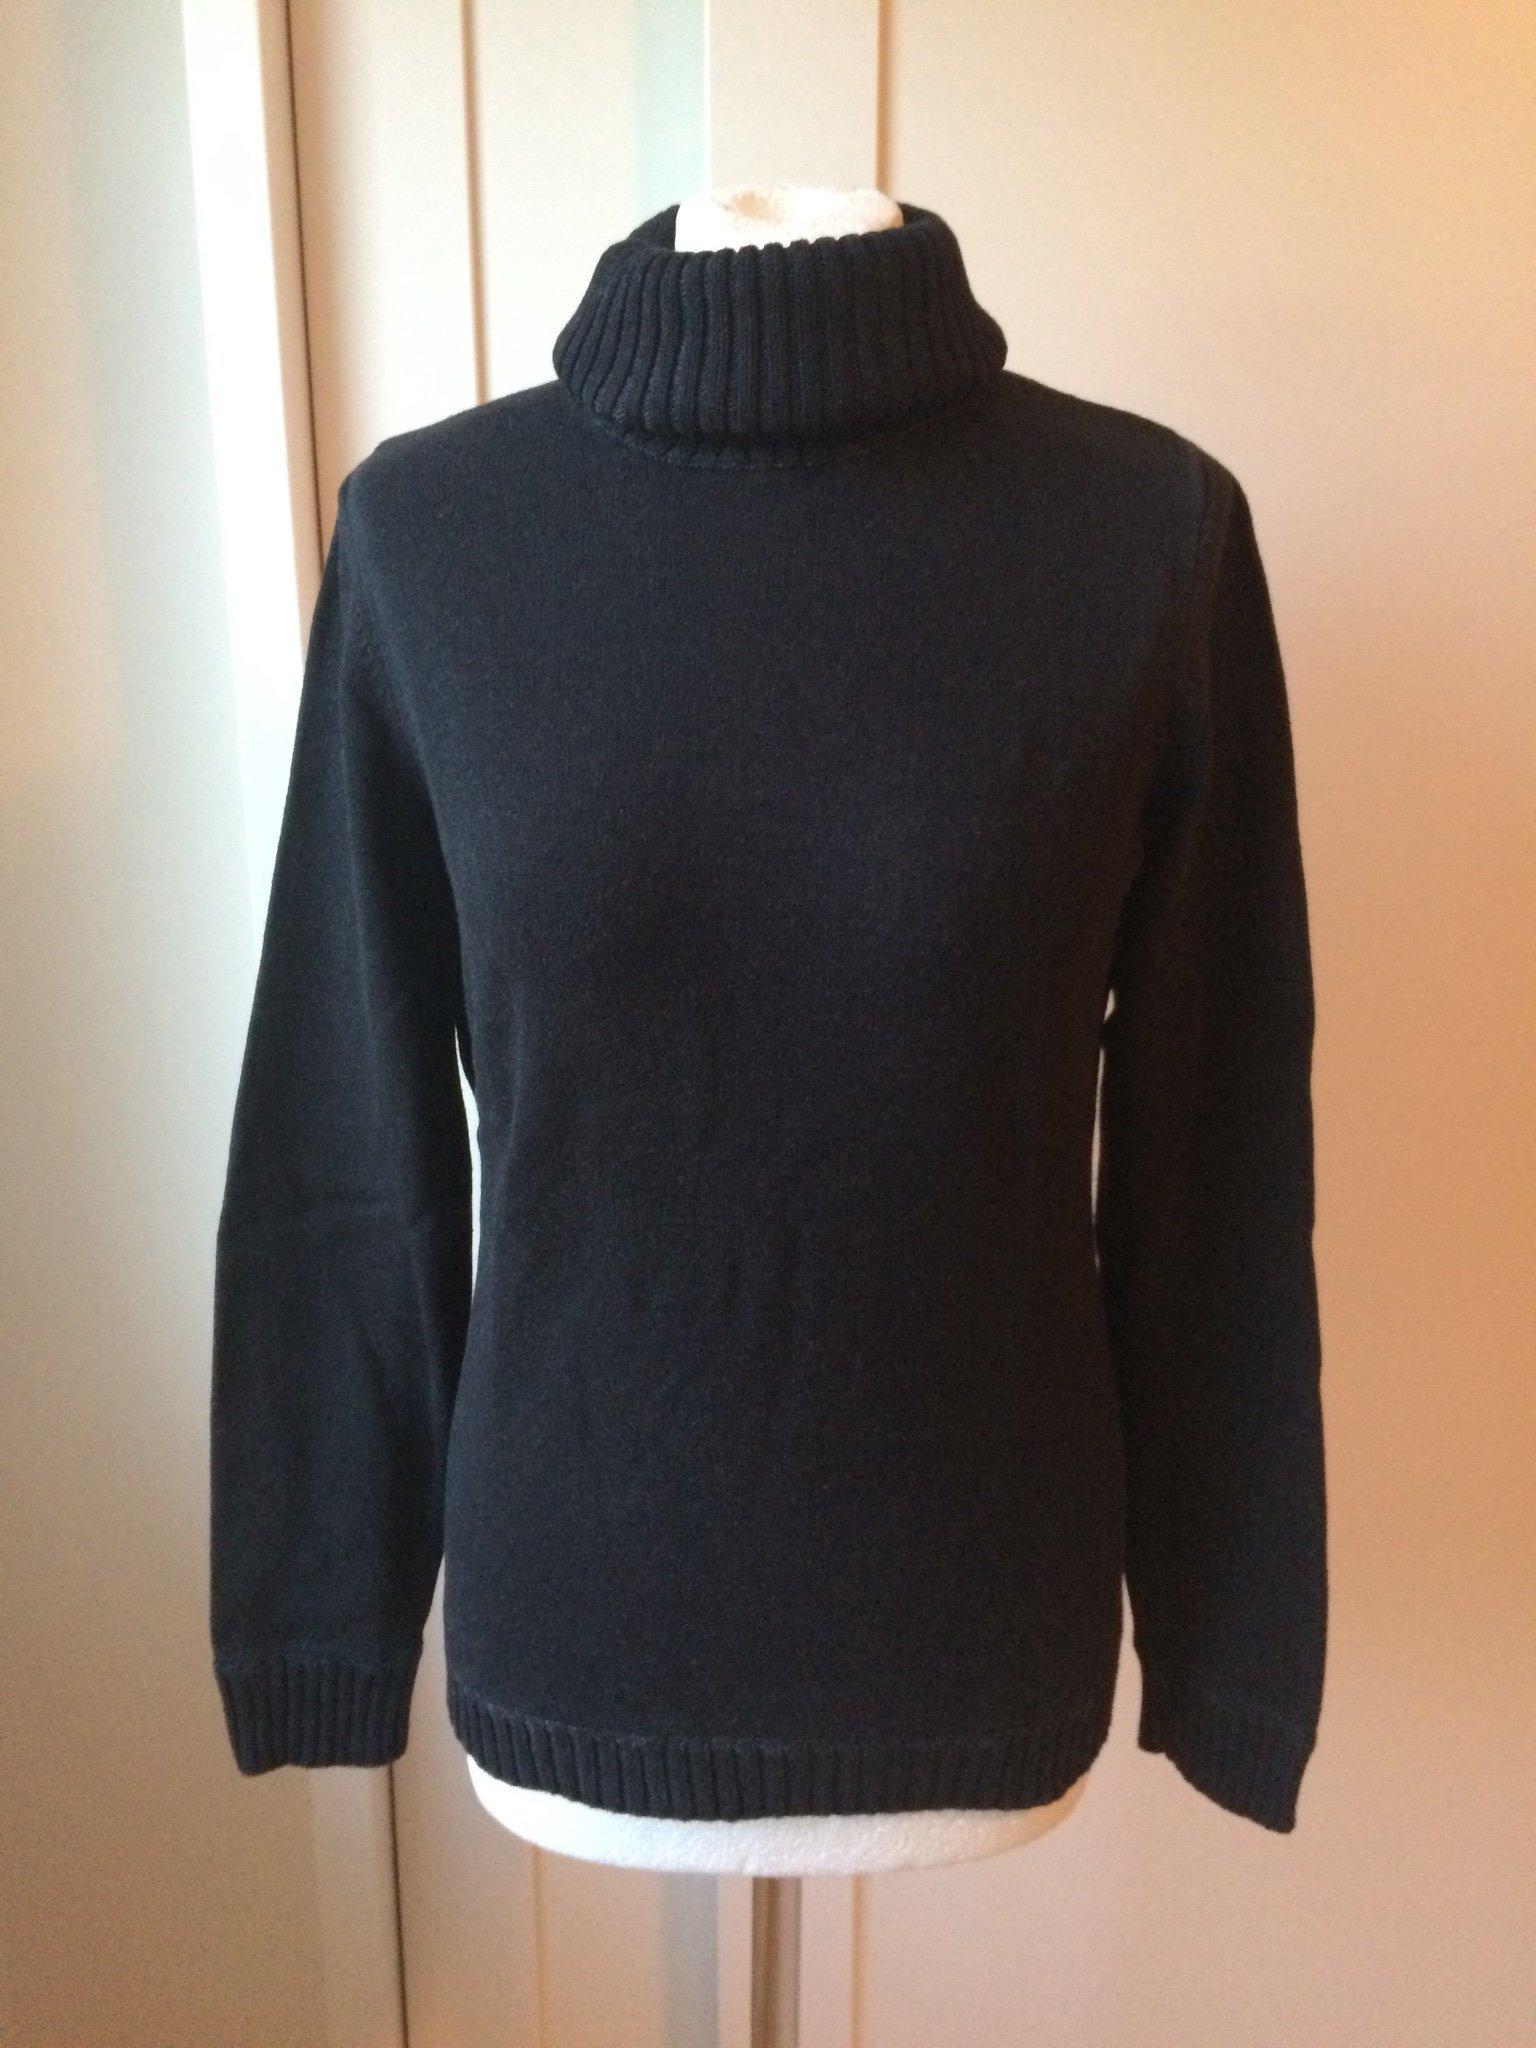 Esprit svart stickad tröja tjocktröja polotröja tjej dam stl M